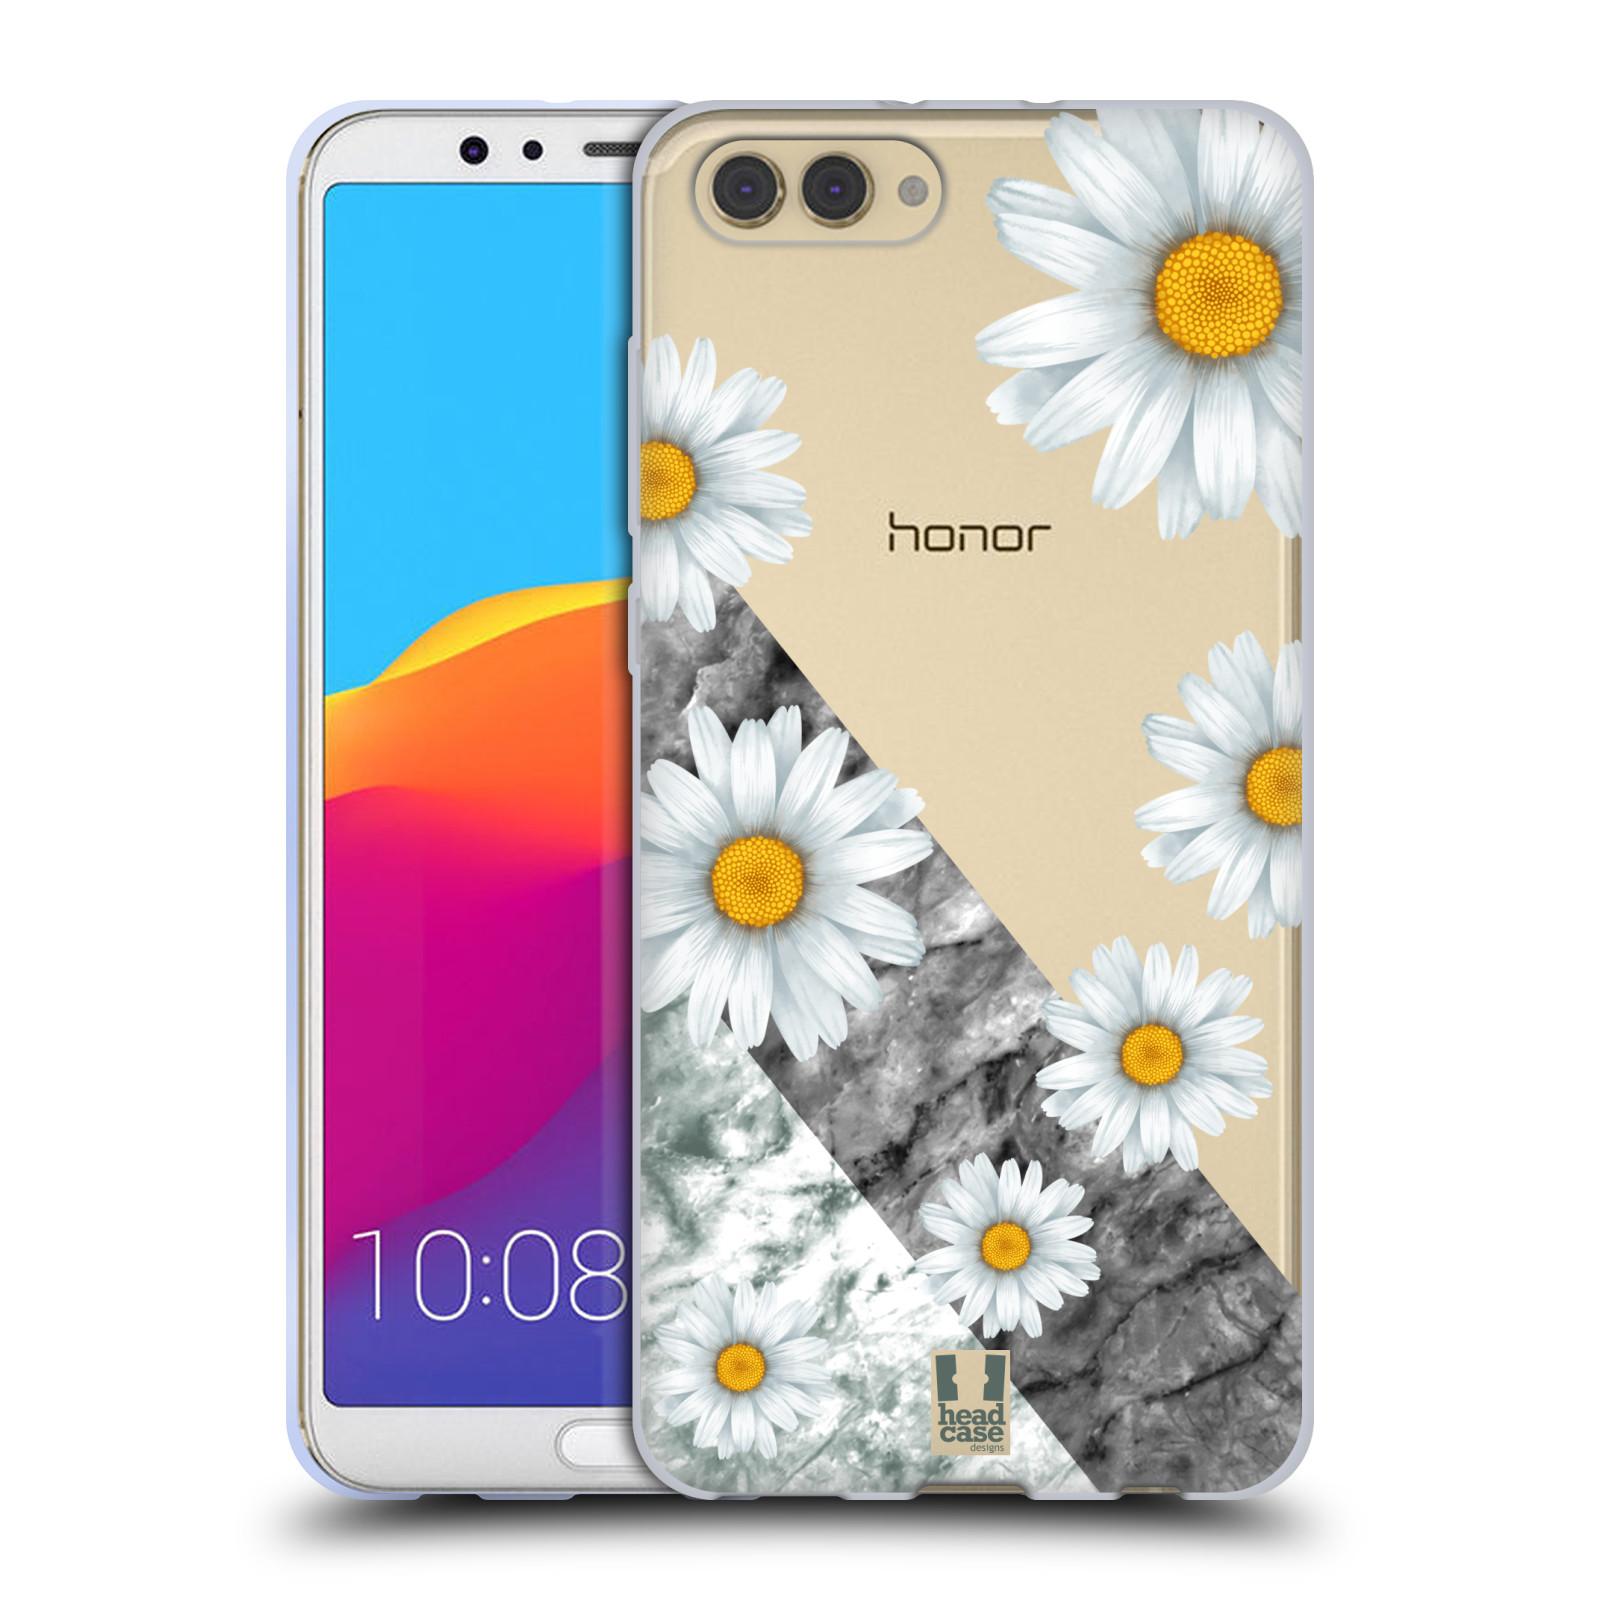 Silikonové pouzdro na mobil Honor View 10 - Head Case - Kopretiny a mramor